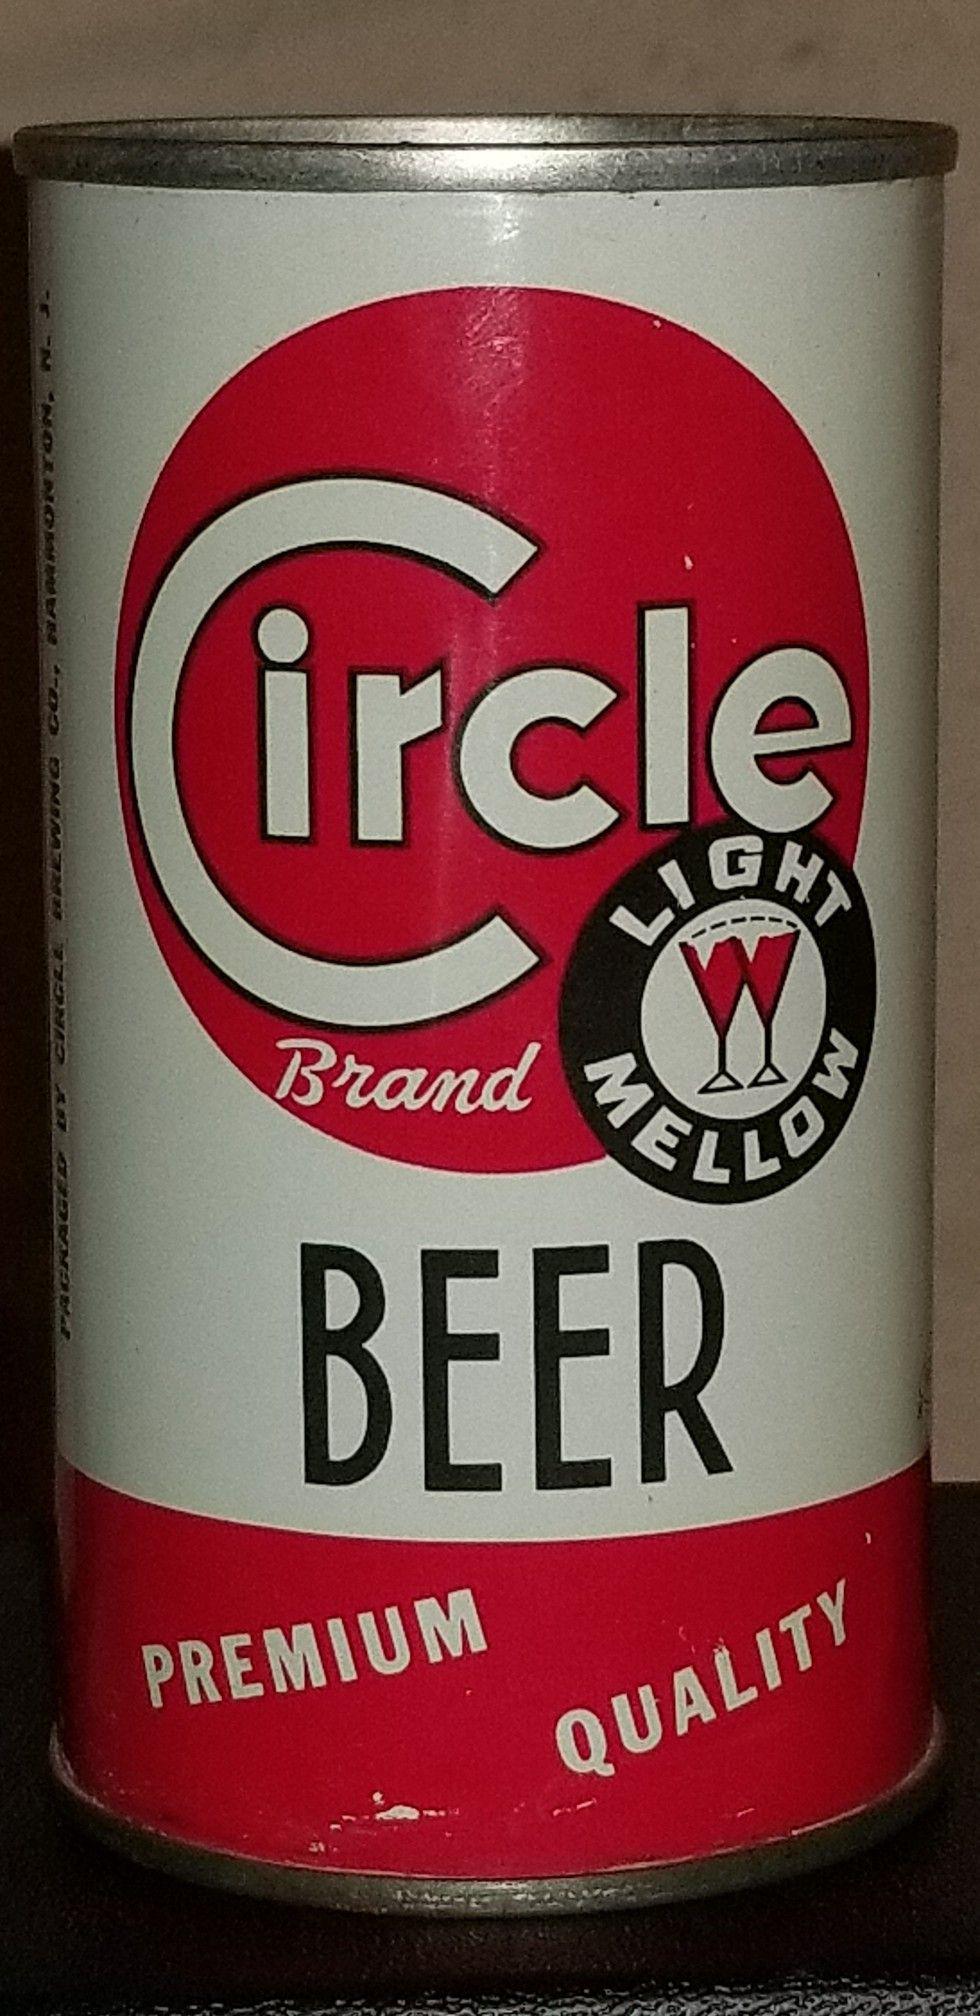 Circle Brand Beer Hammondton Nj 1970 Beer Brands Vintage Beer Beer House